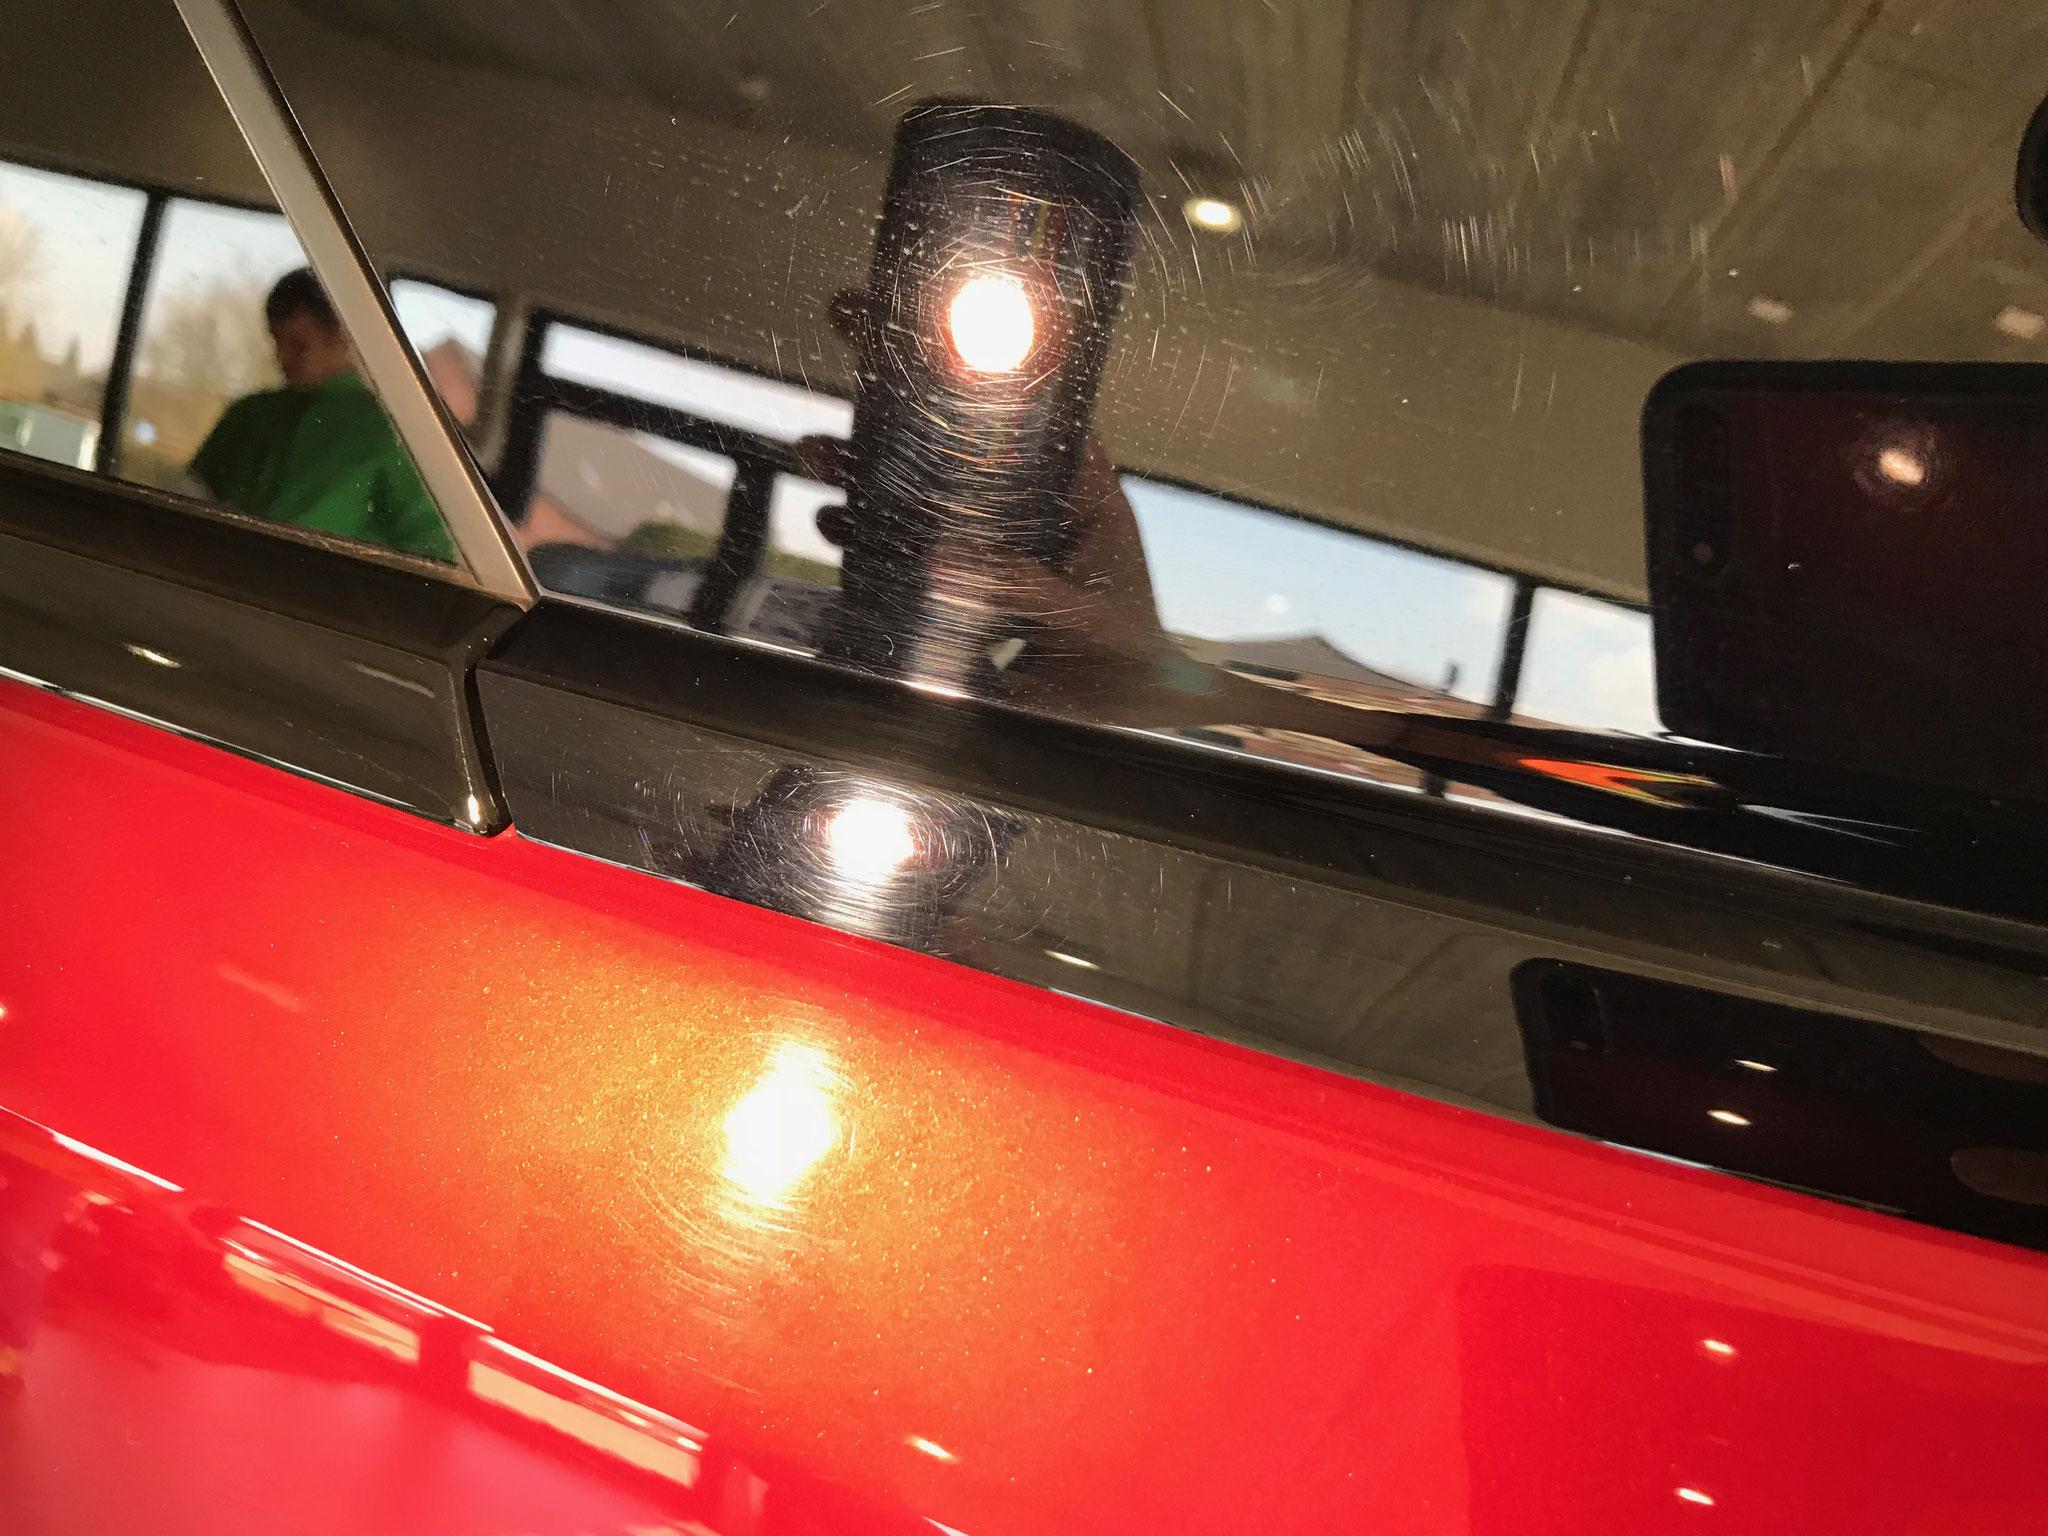 Nieuwe Range Rover Sport afgeleverd met was krasjes, dit kan alleen verwijderd worden door te polijsten!